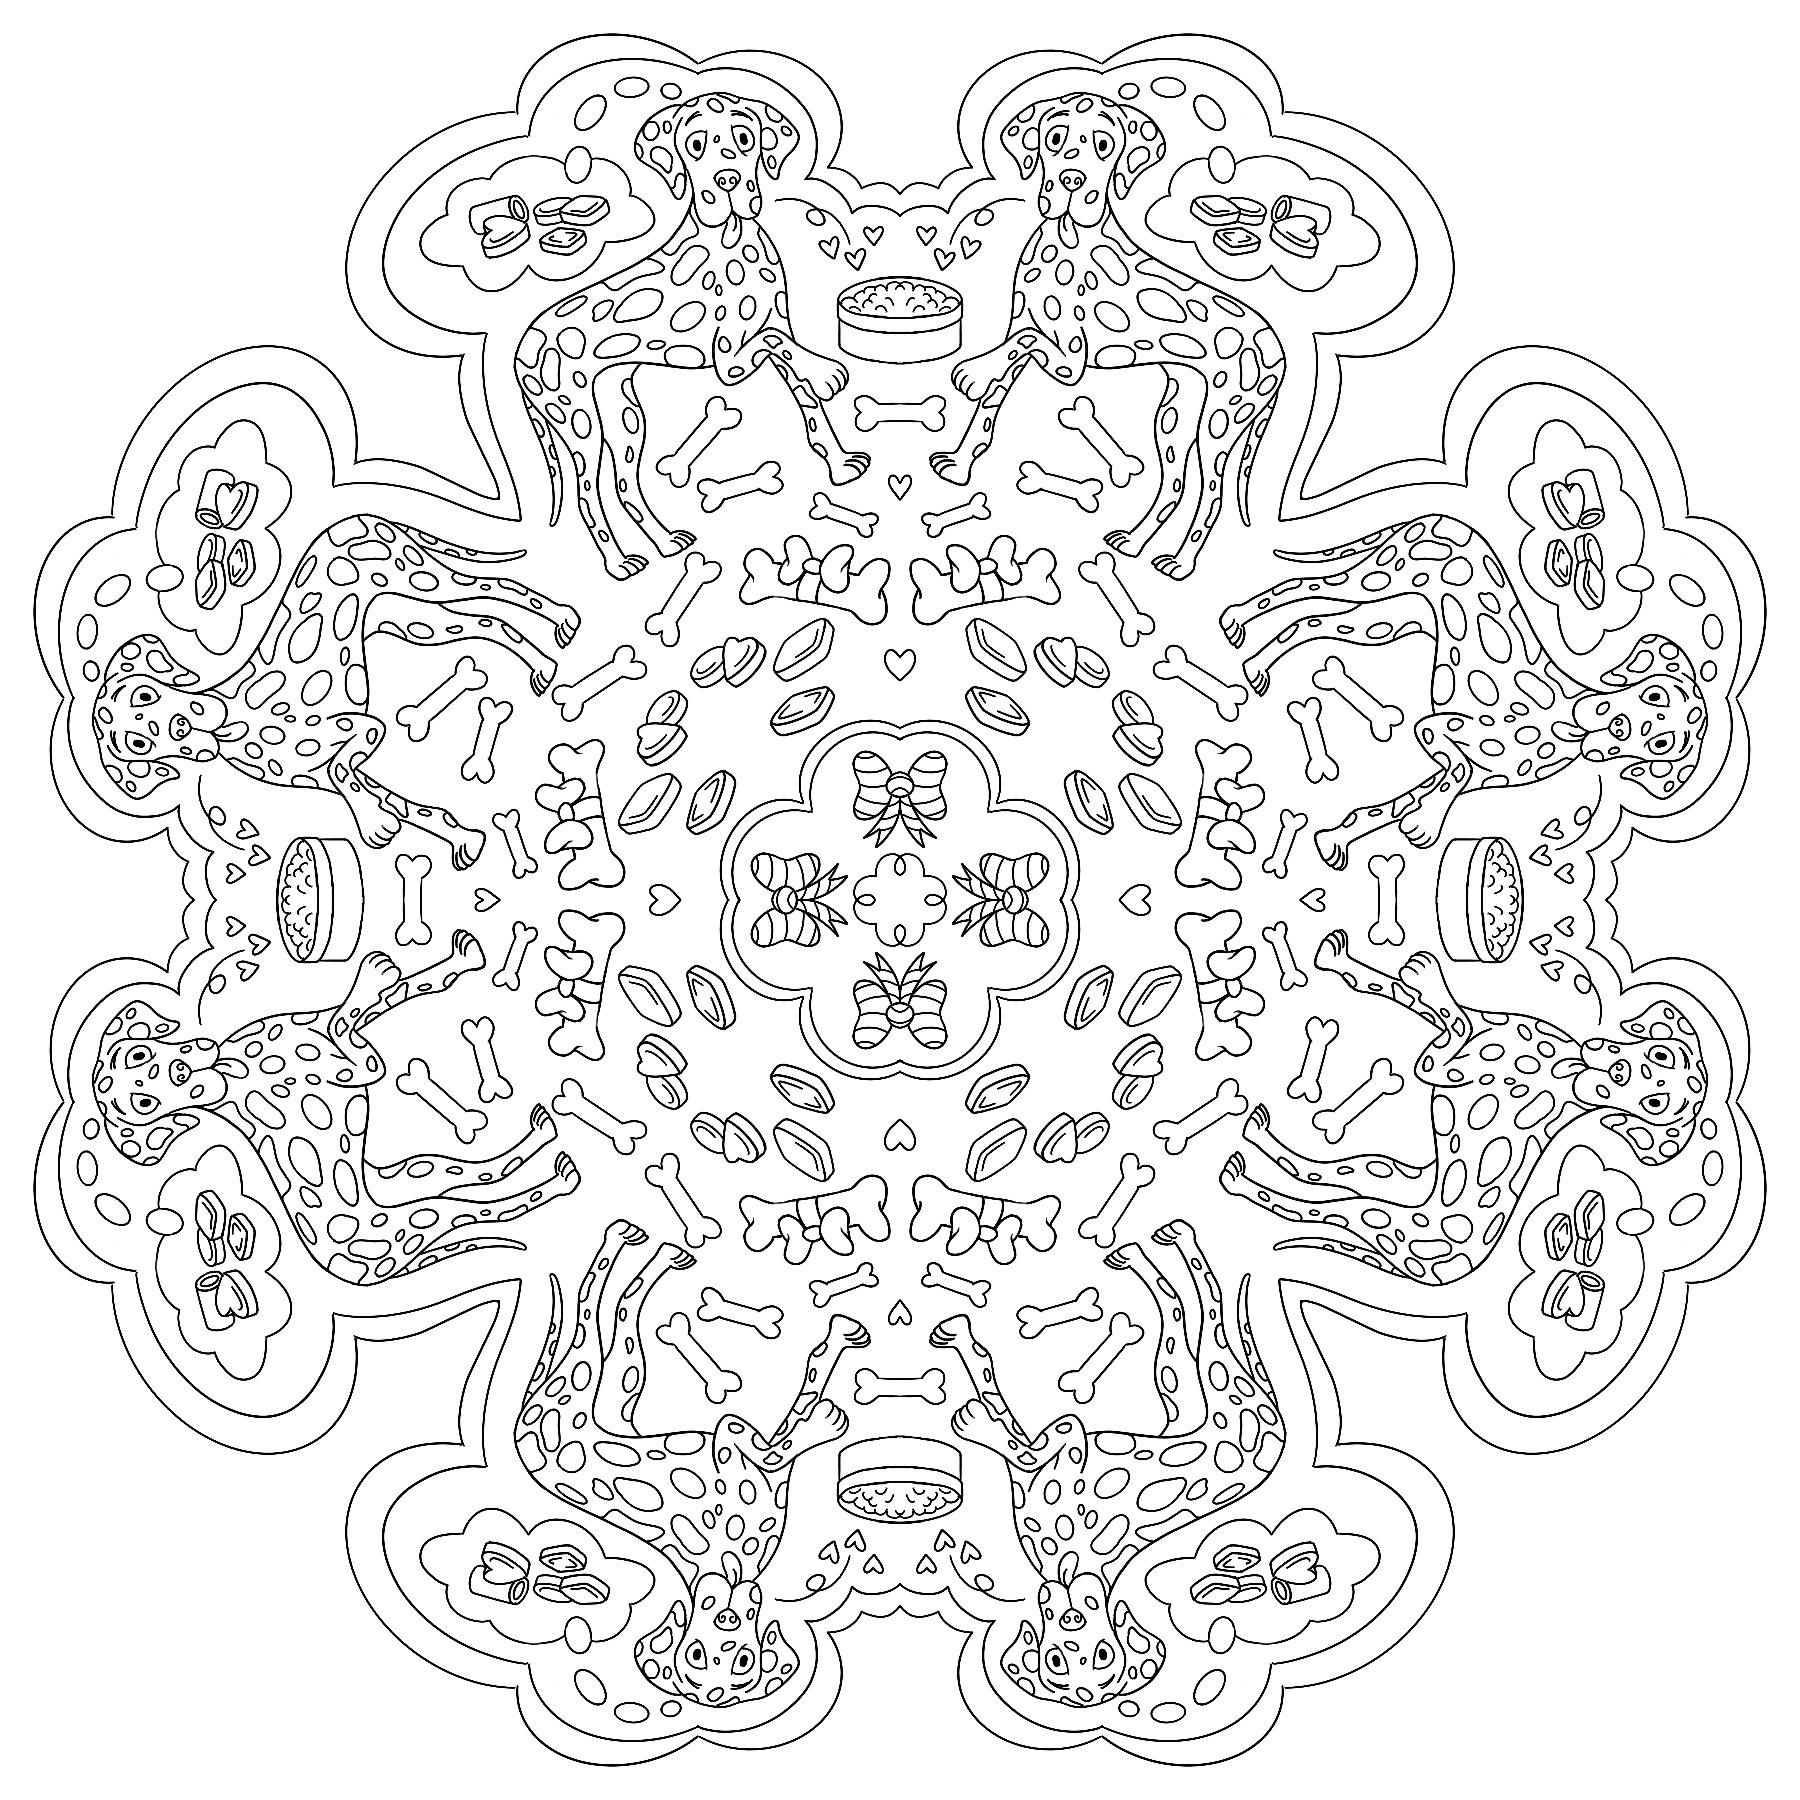 Dalmatian colouring page